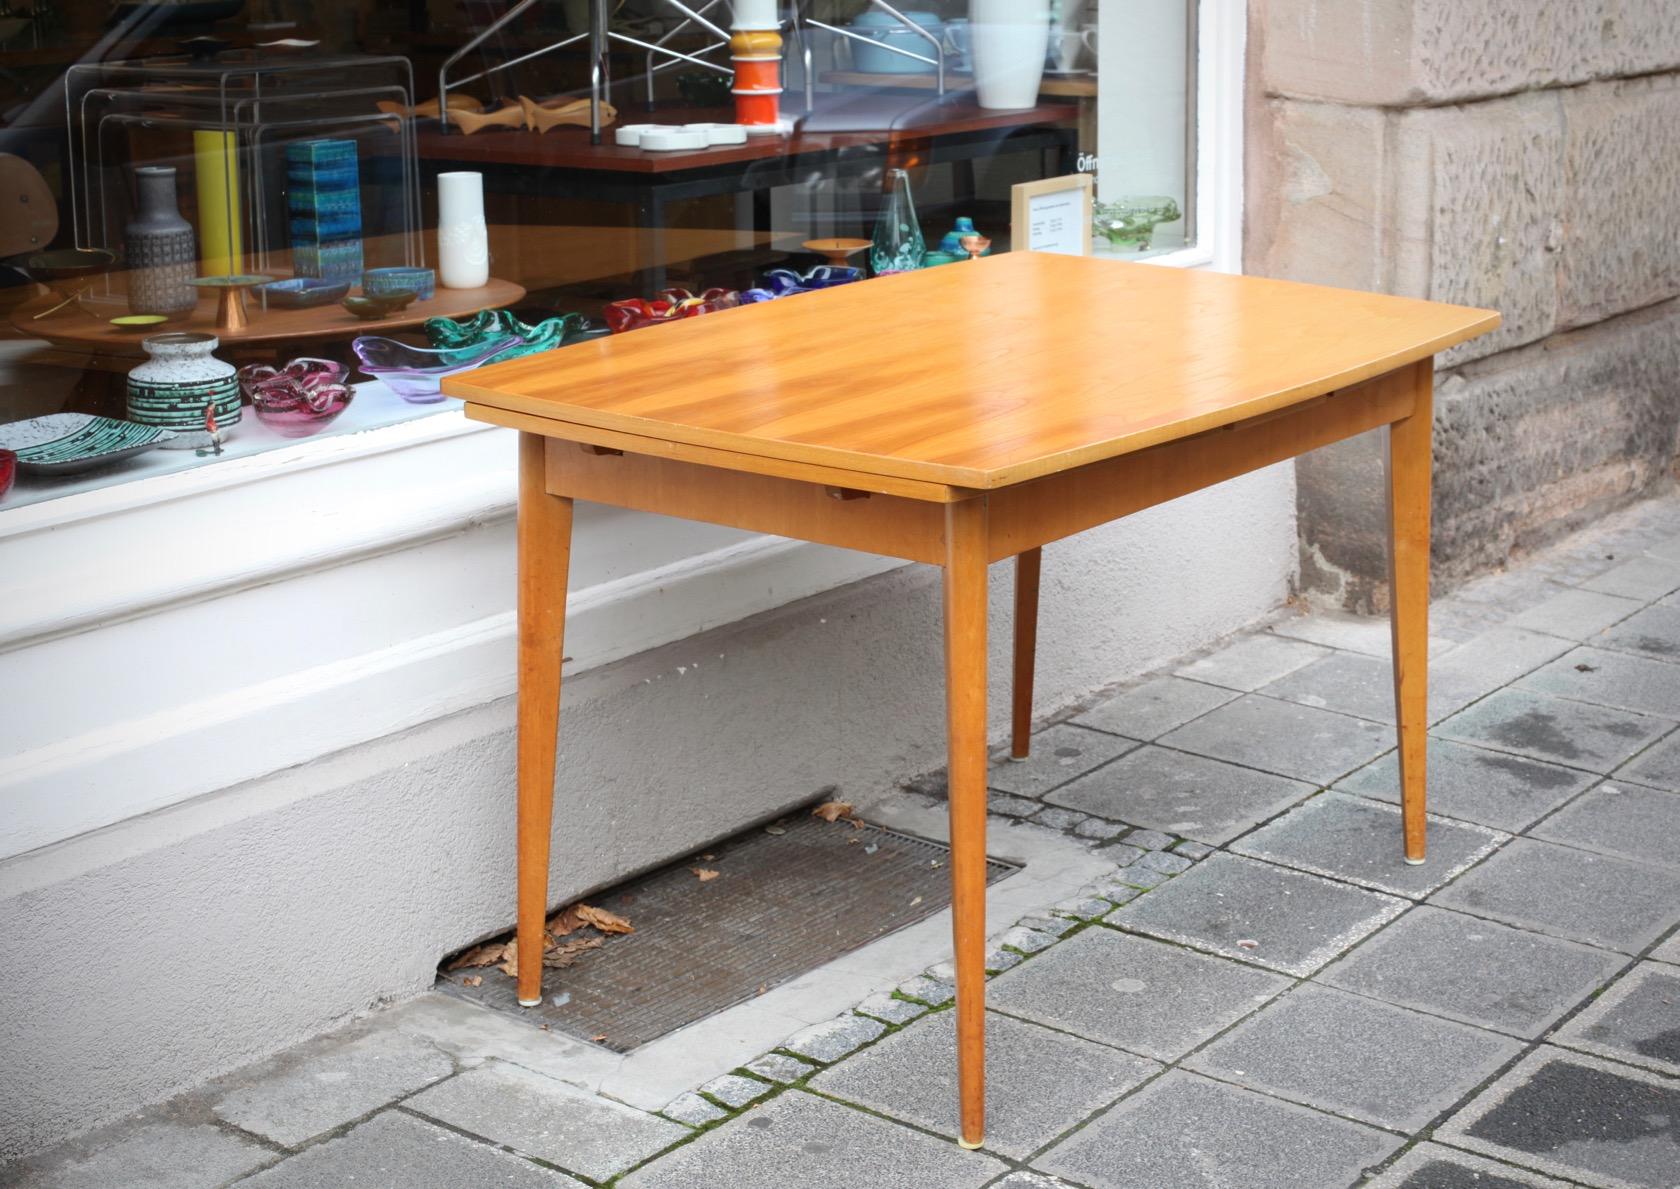 ausziehbarer esstisch aus den 50ern raumwunder vintage wohnen in n rnberg. Black Bedroom Furniture Sets. Home Design Ideas